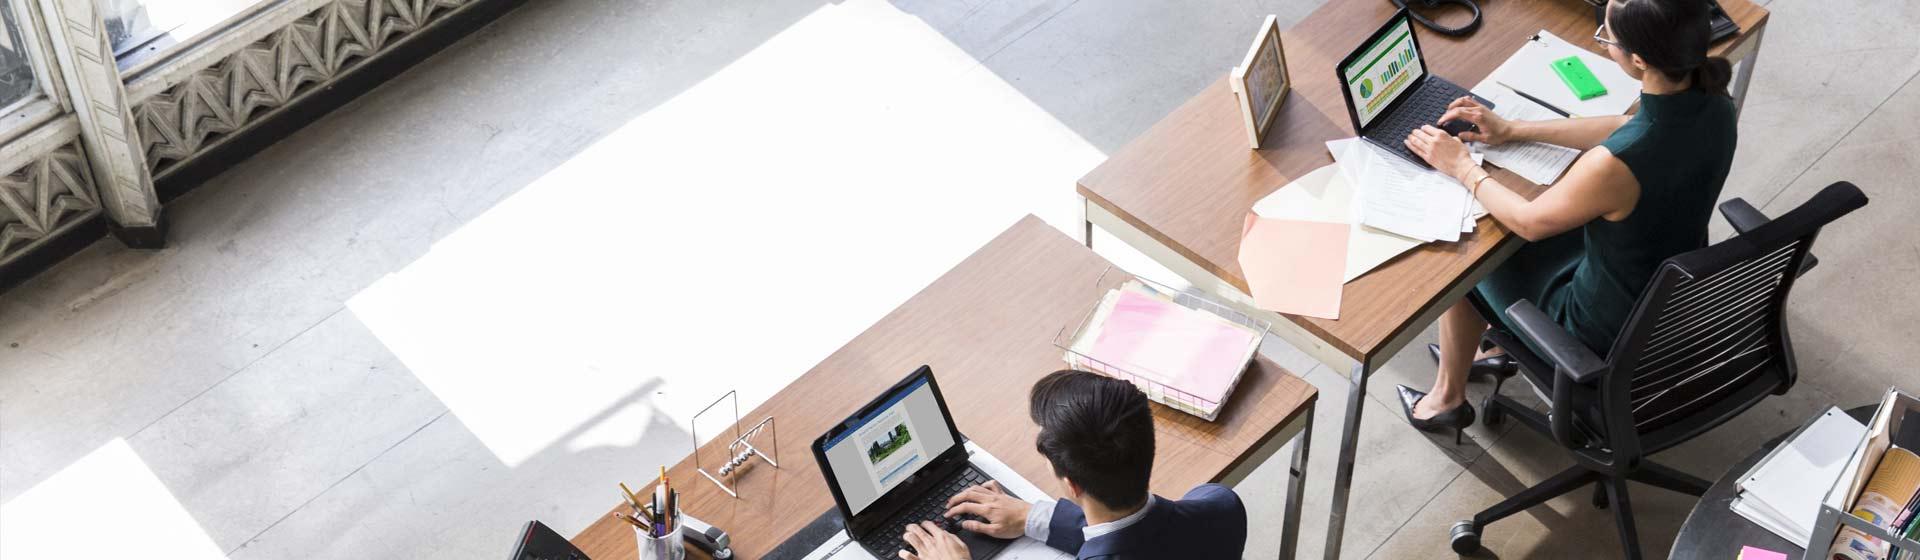 Mejore sus opciones: actualice de Office 2013 a Office 365 hoy mismo